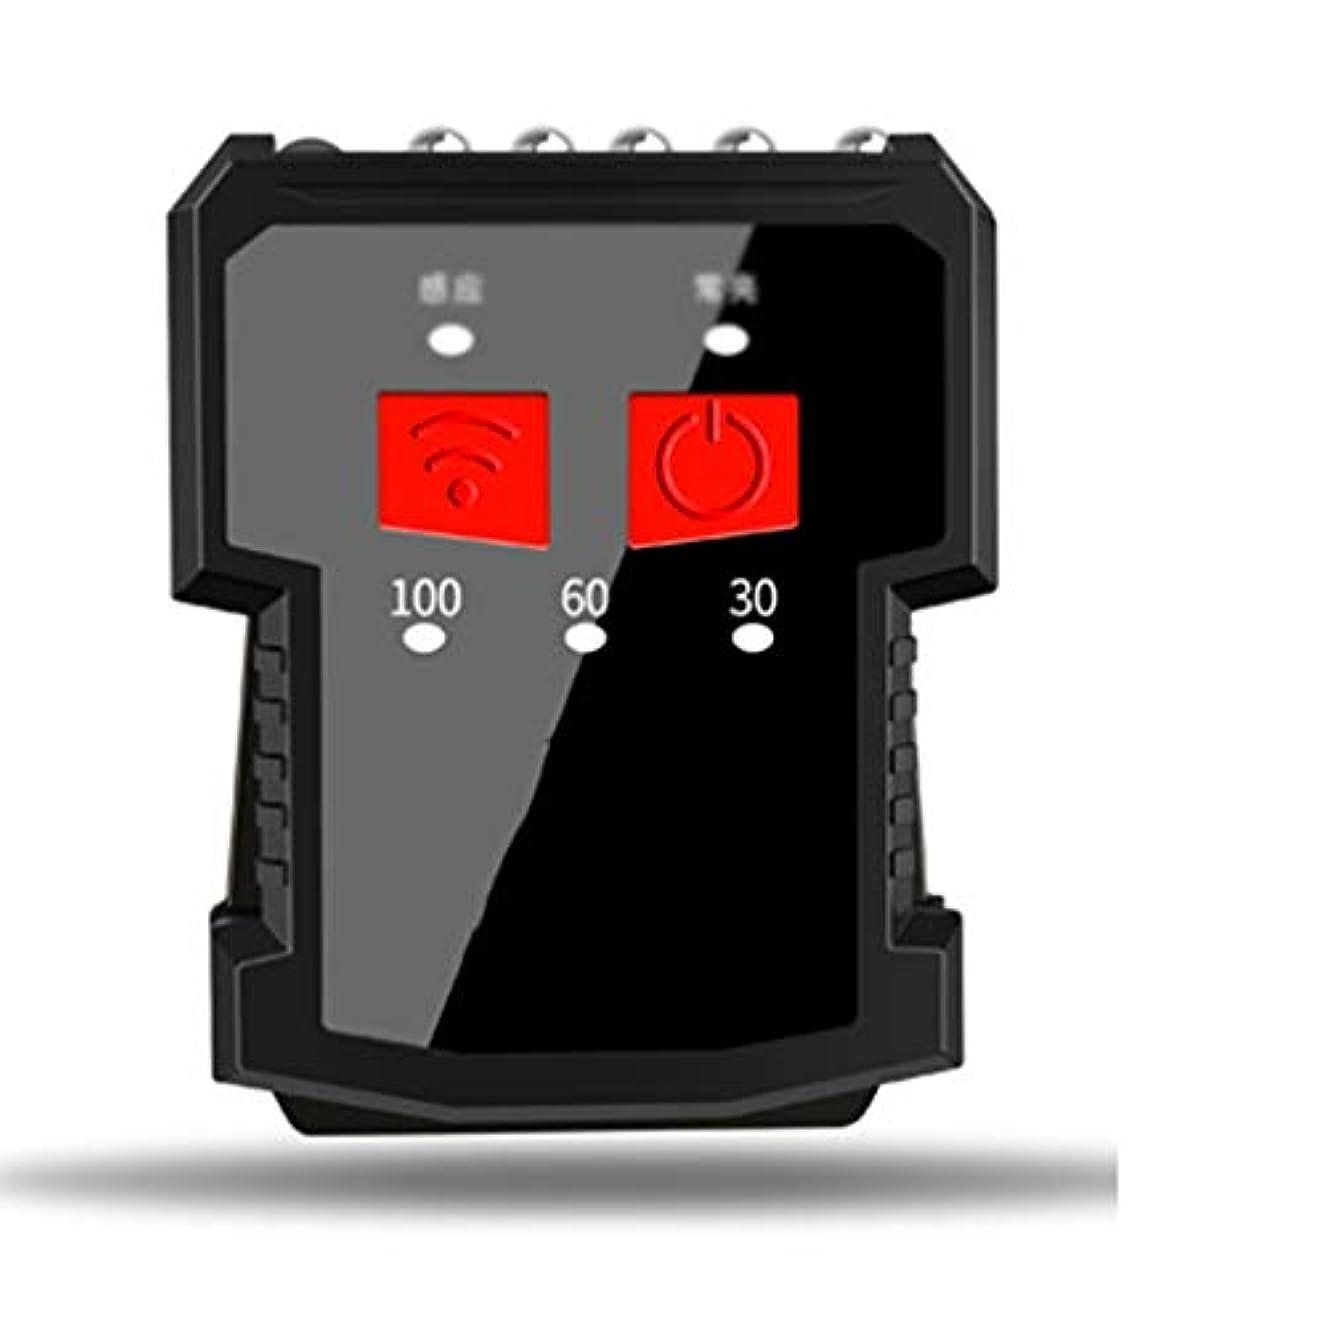 エキスパート漂流絡み合いヘッドライト USB充電式LEDヘッド懐中電灯スーパーブライト防水、軽量で快適な、釣りキャンプを実行するのに適した LEDヘッドライト